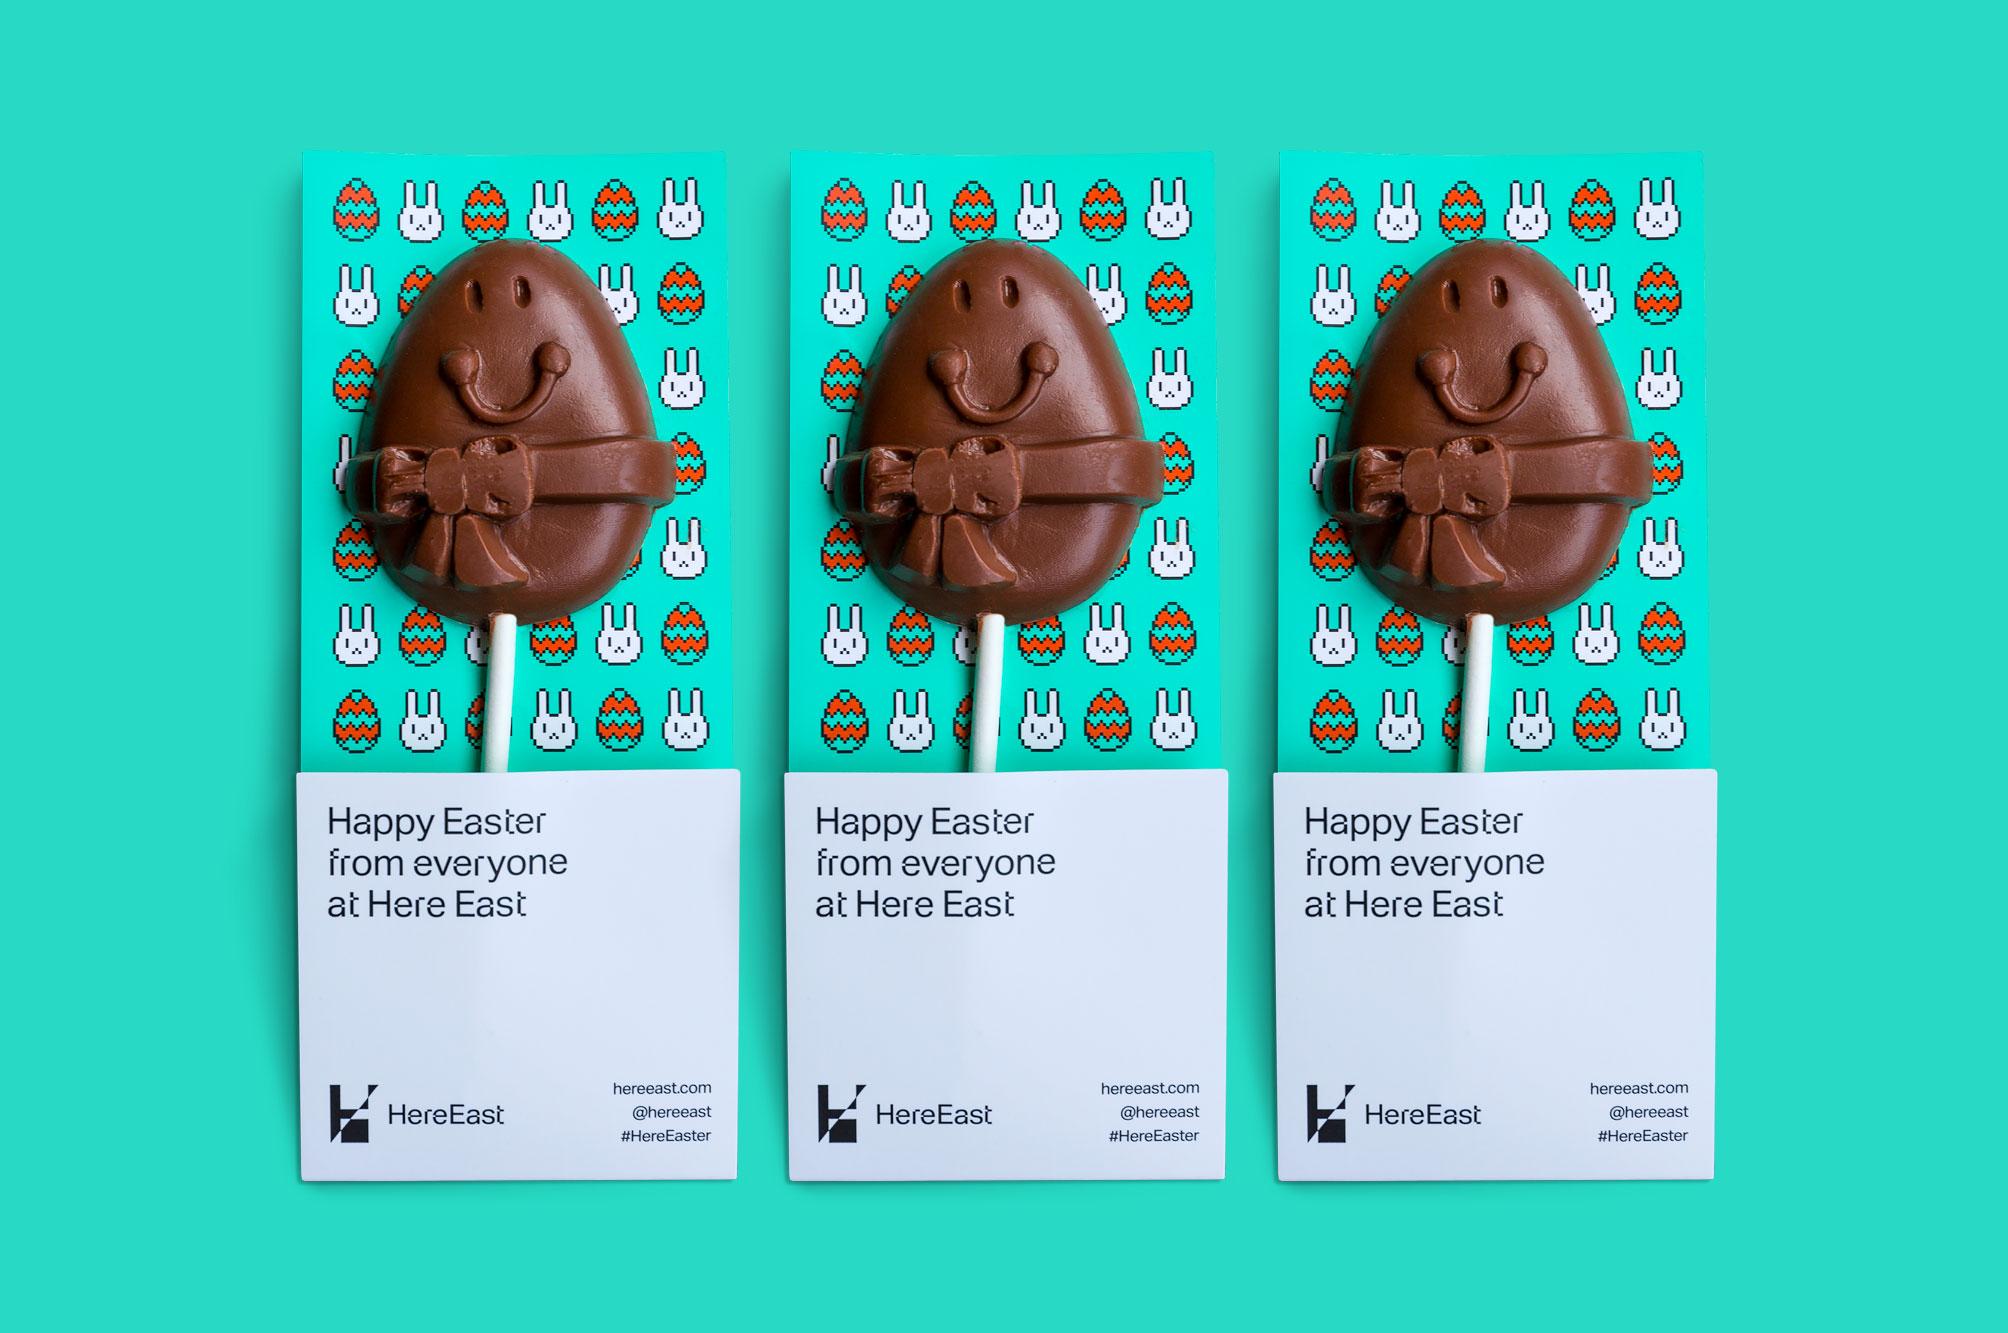 Here-East-Easter-Egg-Hunt-Wide-04